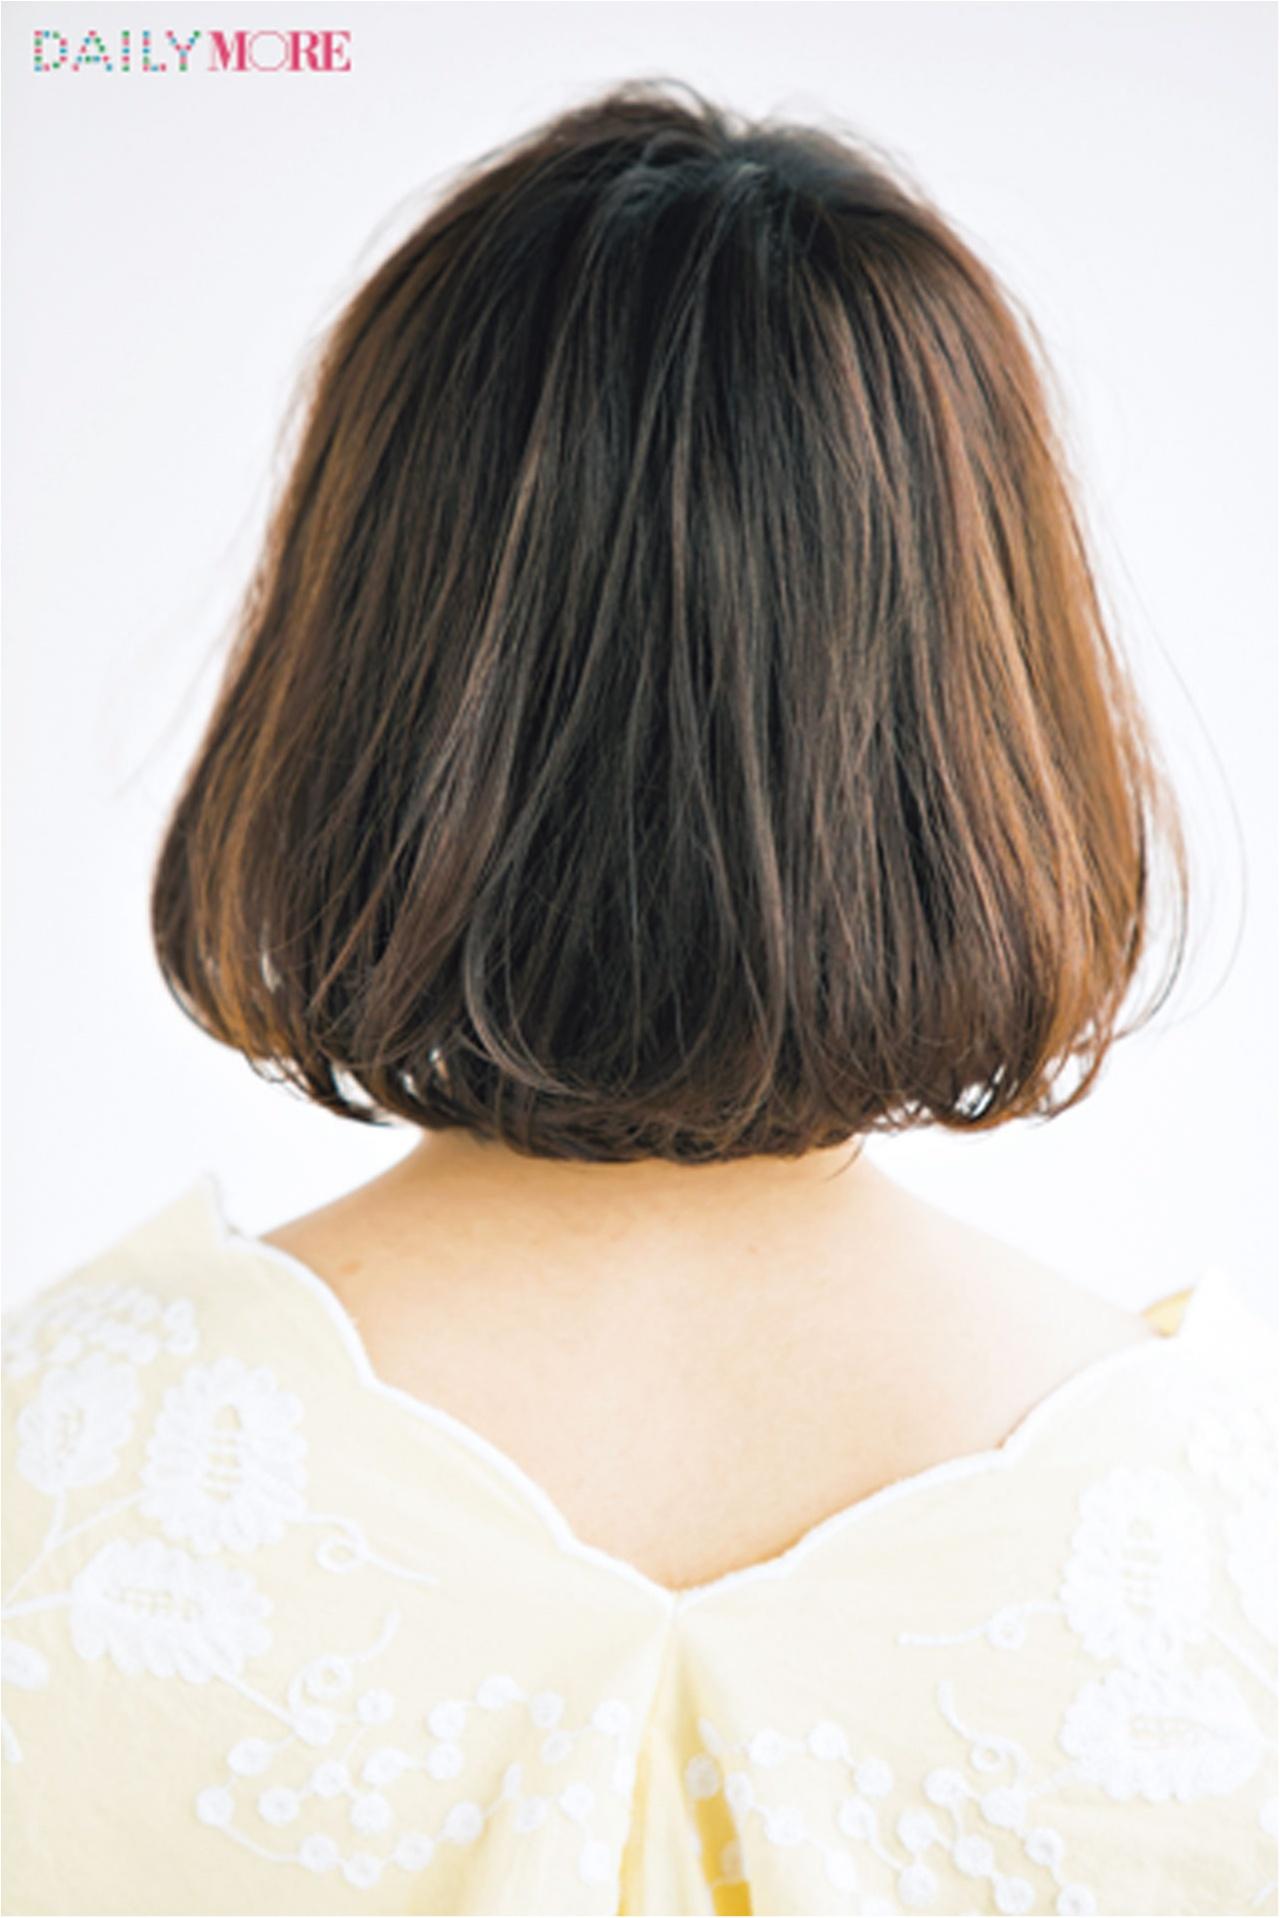 しゃれ甘スタイルでモテGET♡ おしゃれ度が上がる「とろみボブ」の作り方【今一番おしゃれな髪型は〝ボブ〟!!】_8